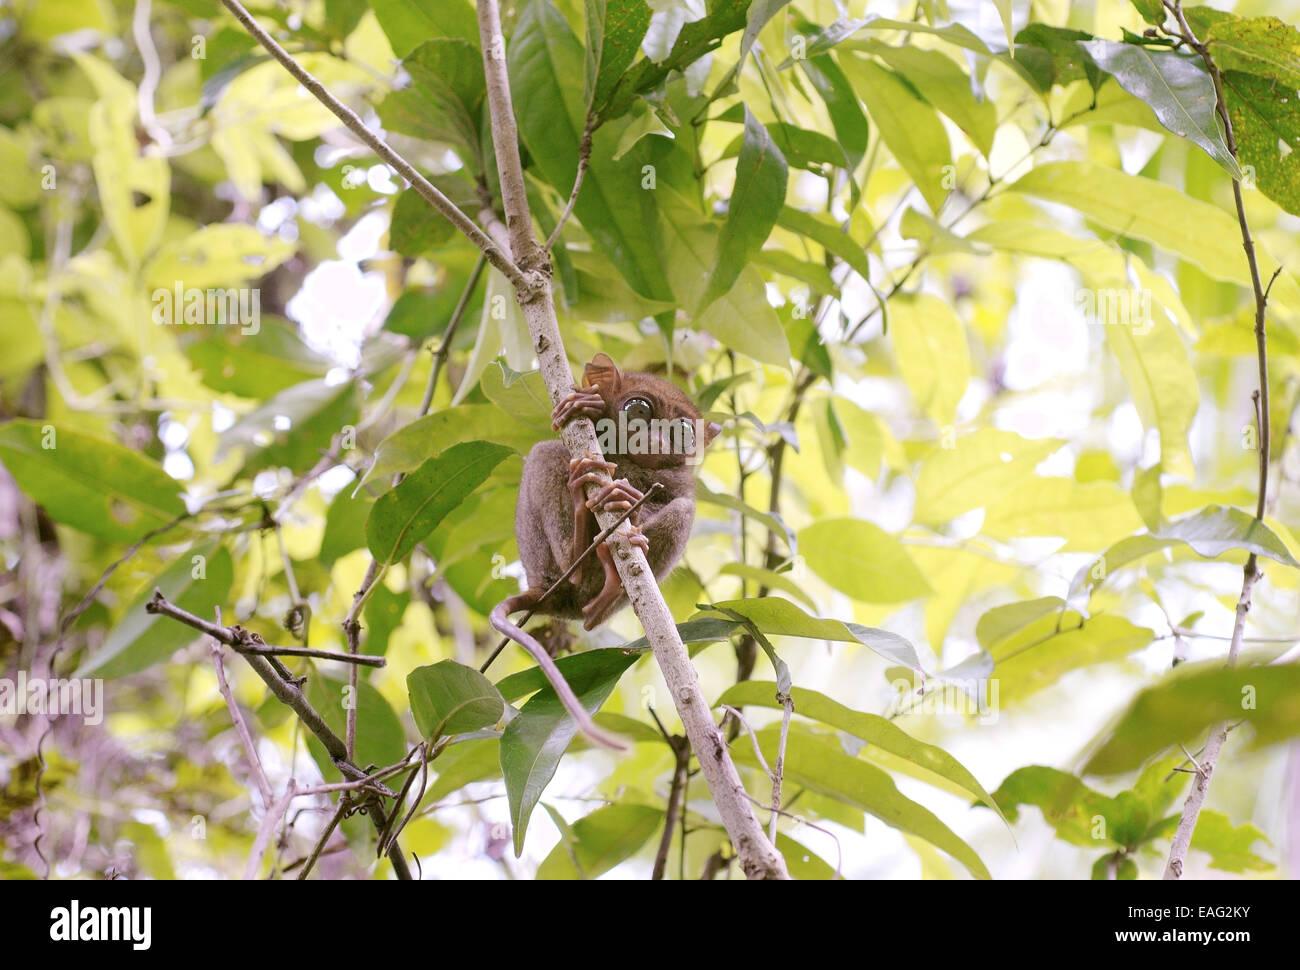 Philippine tarsier (Carlito syrichta) nascosti tra gli alberi, isola di Bohol, Filippine, Sud-est asiatico Immagini Stock